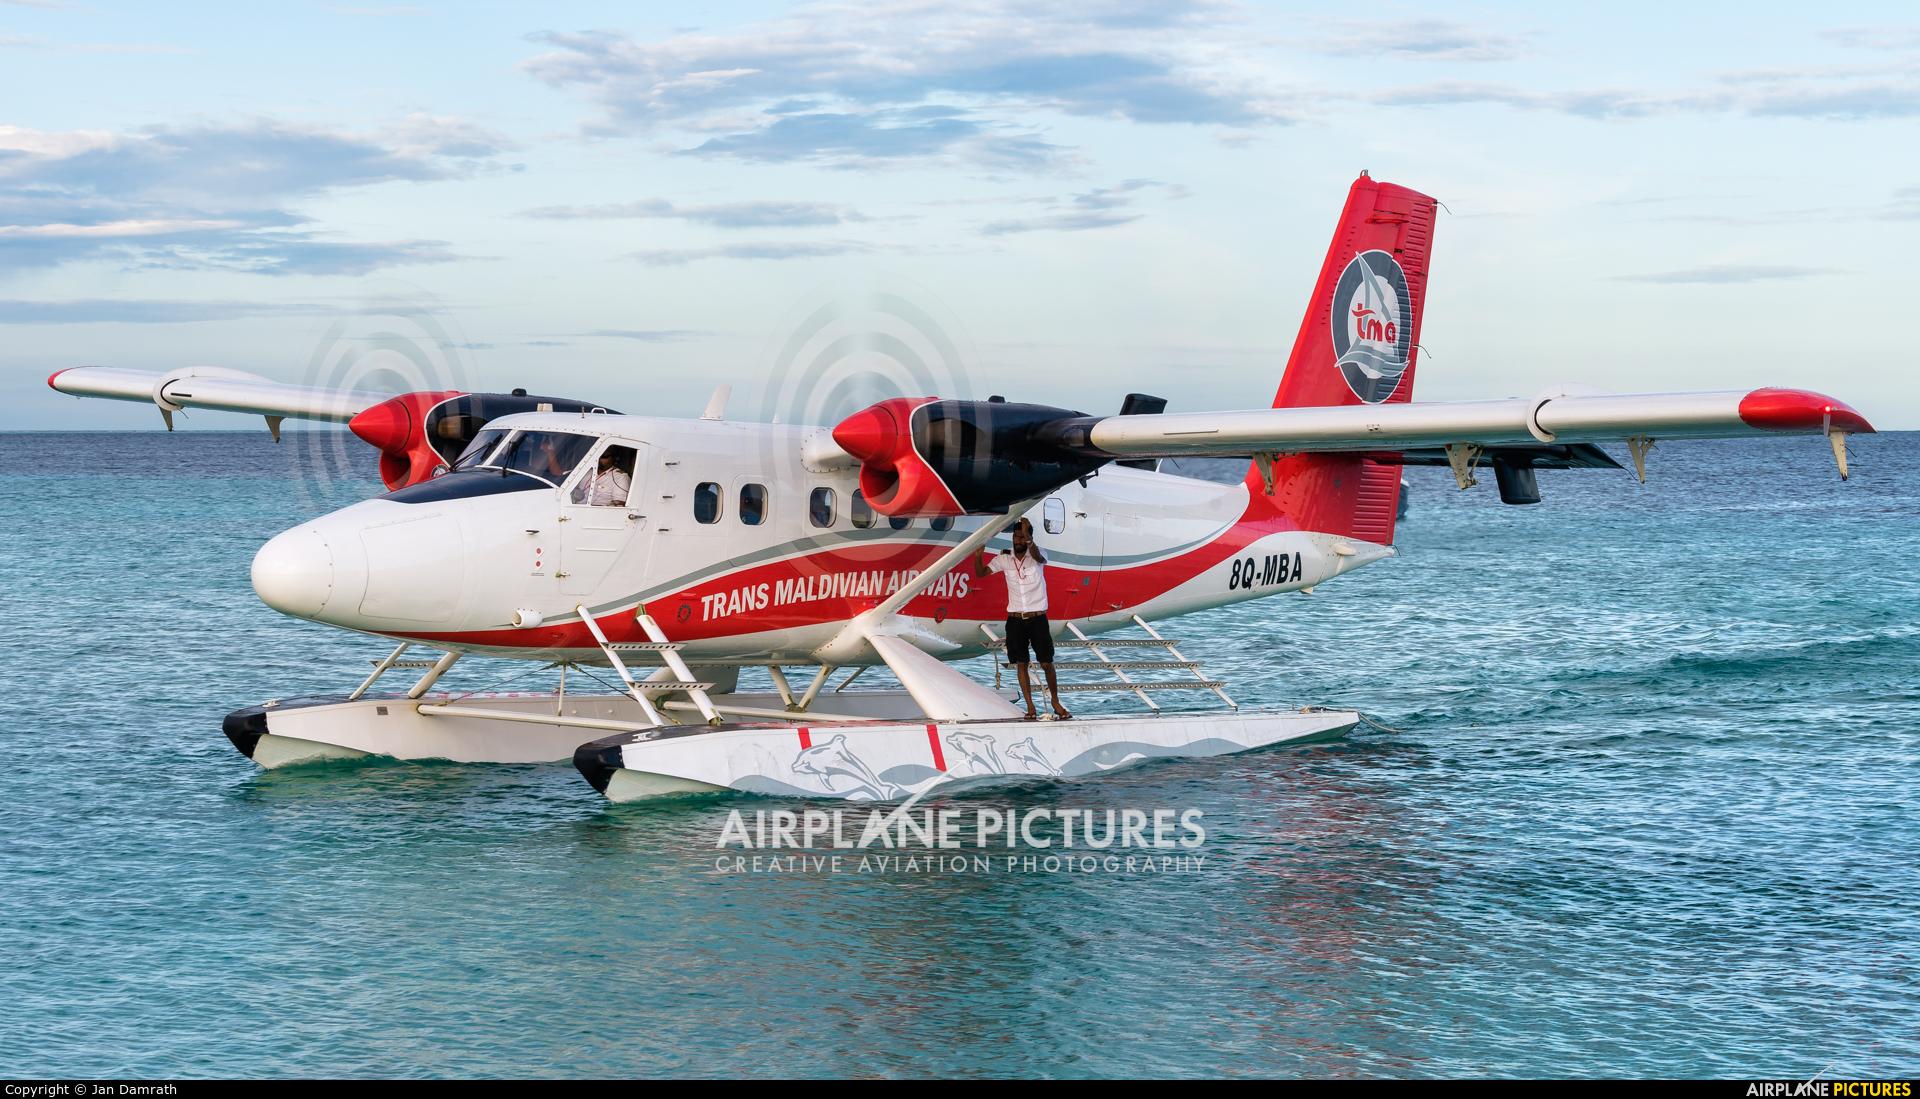 Trans Maldivian Airways - TMA 8Q-MBA aircraft at Off Airport - Maldives